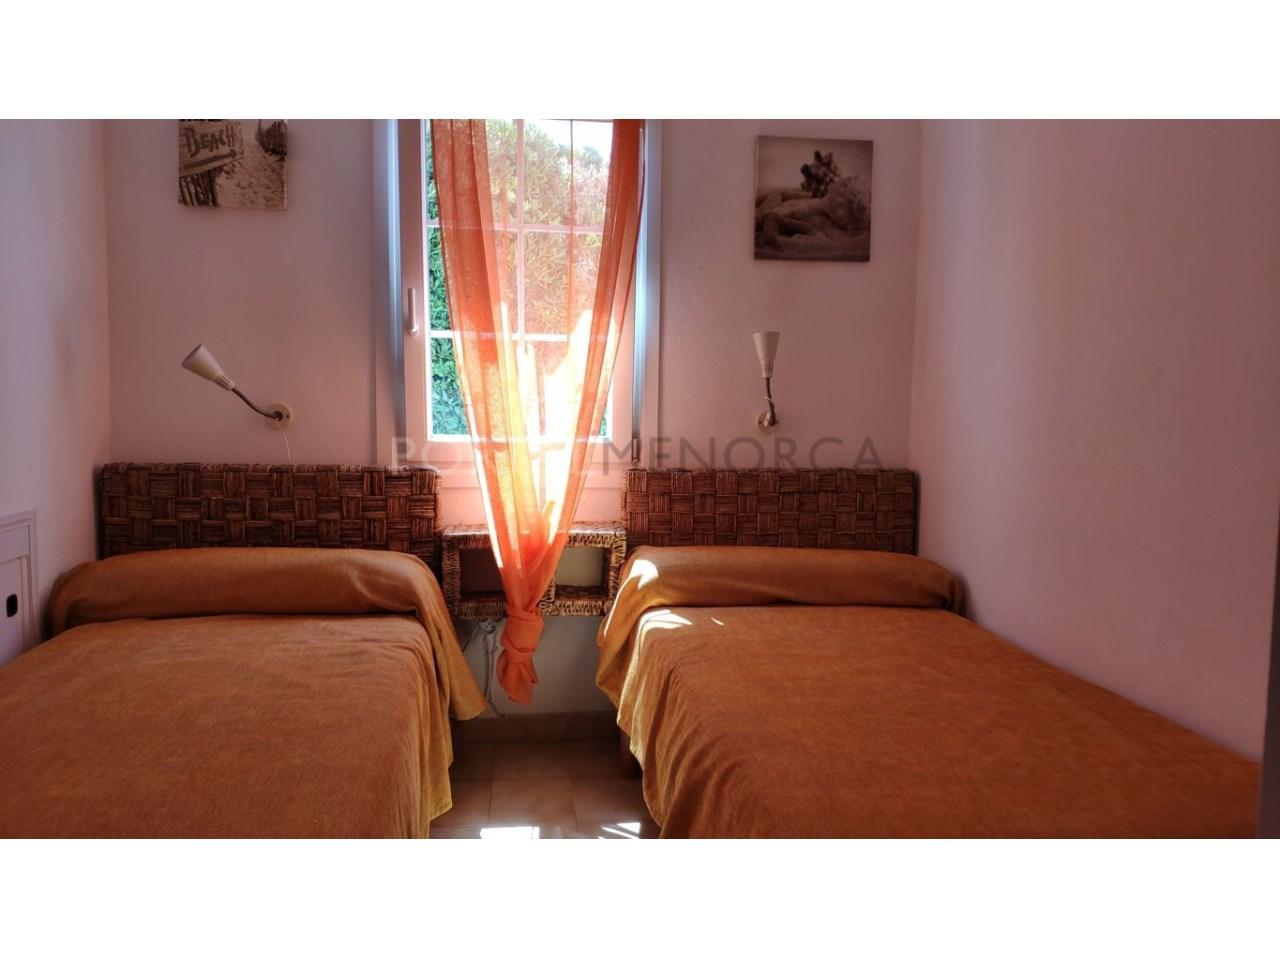 Chalet en venta en Cala Blanca Ciutadella - dormitorio